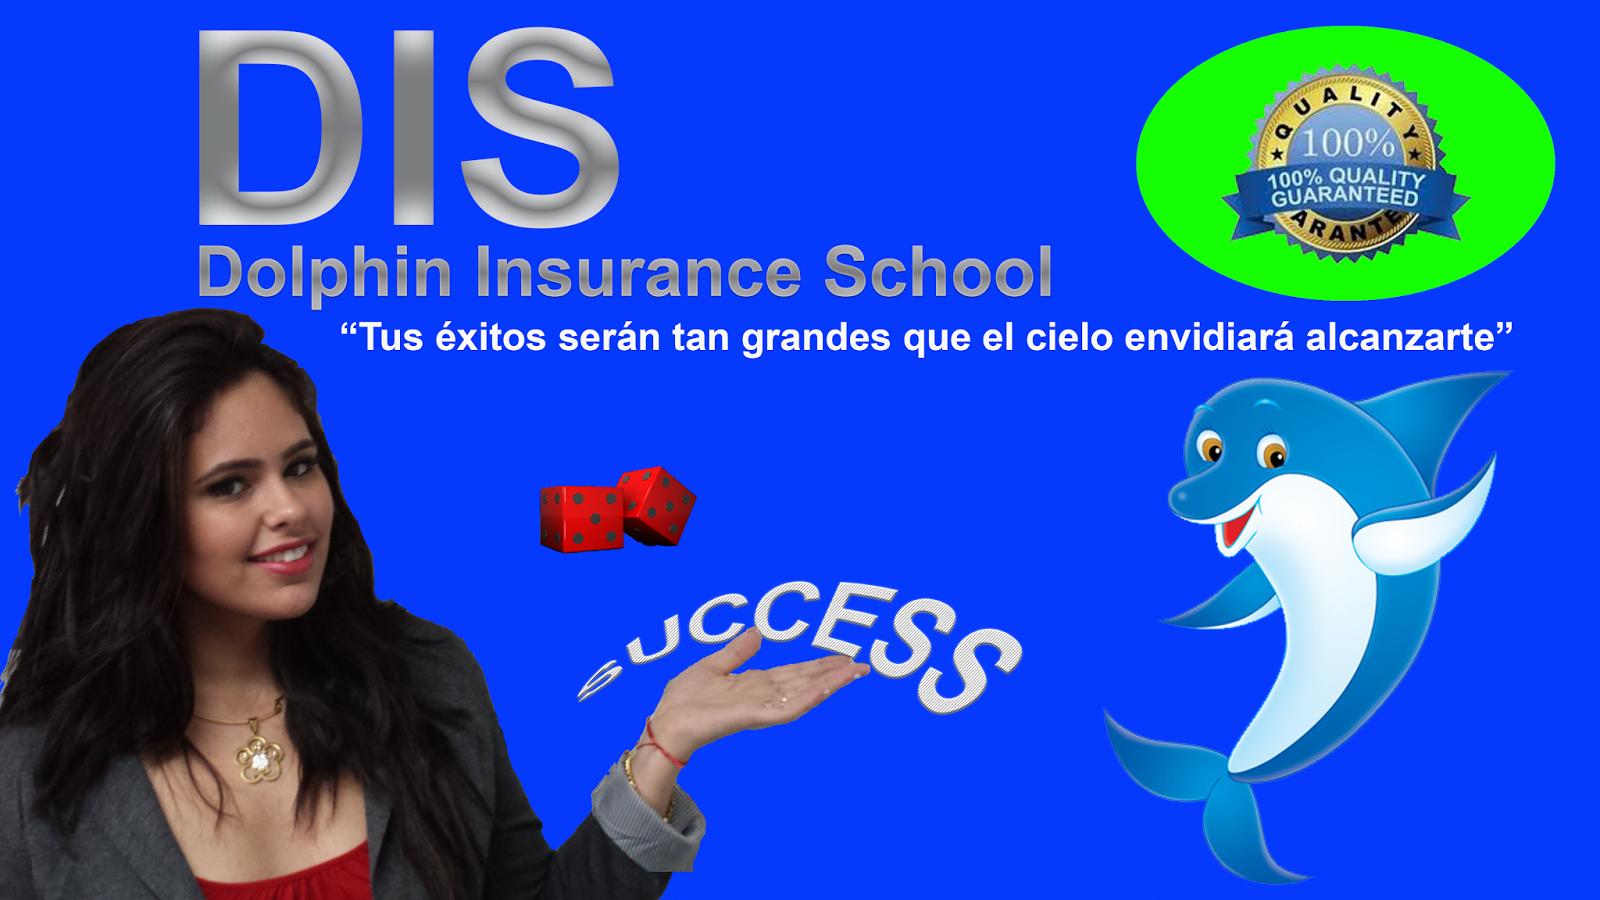 matricular en dolphin insurance school